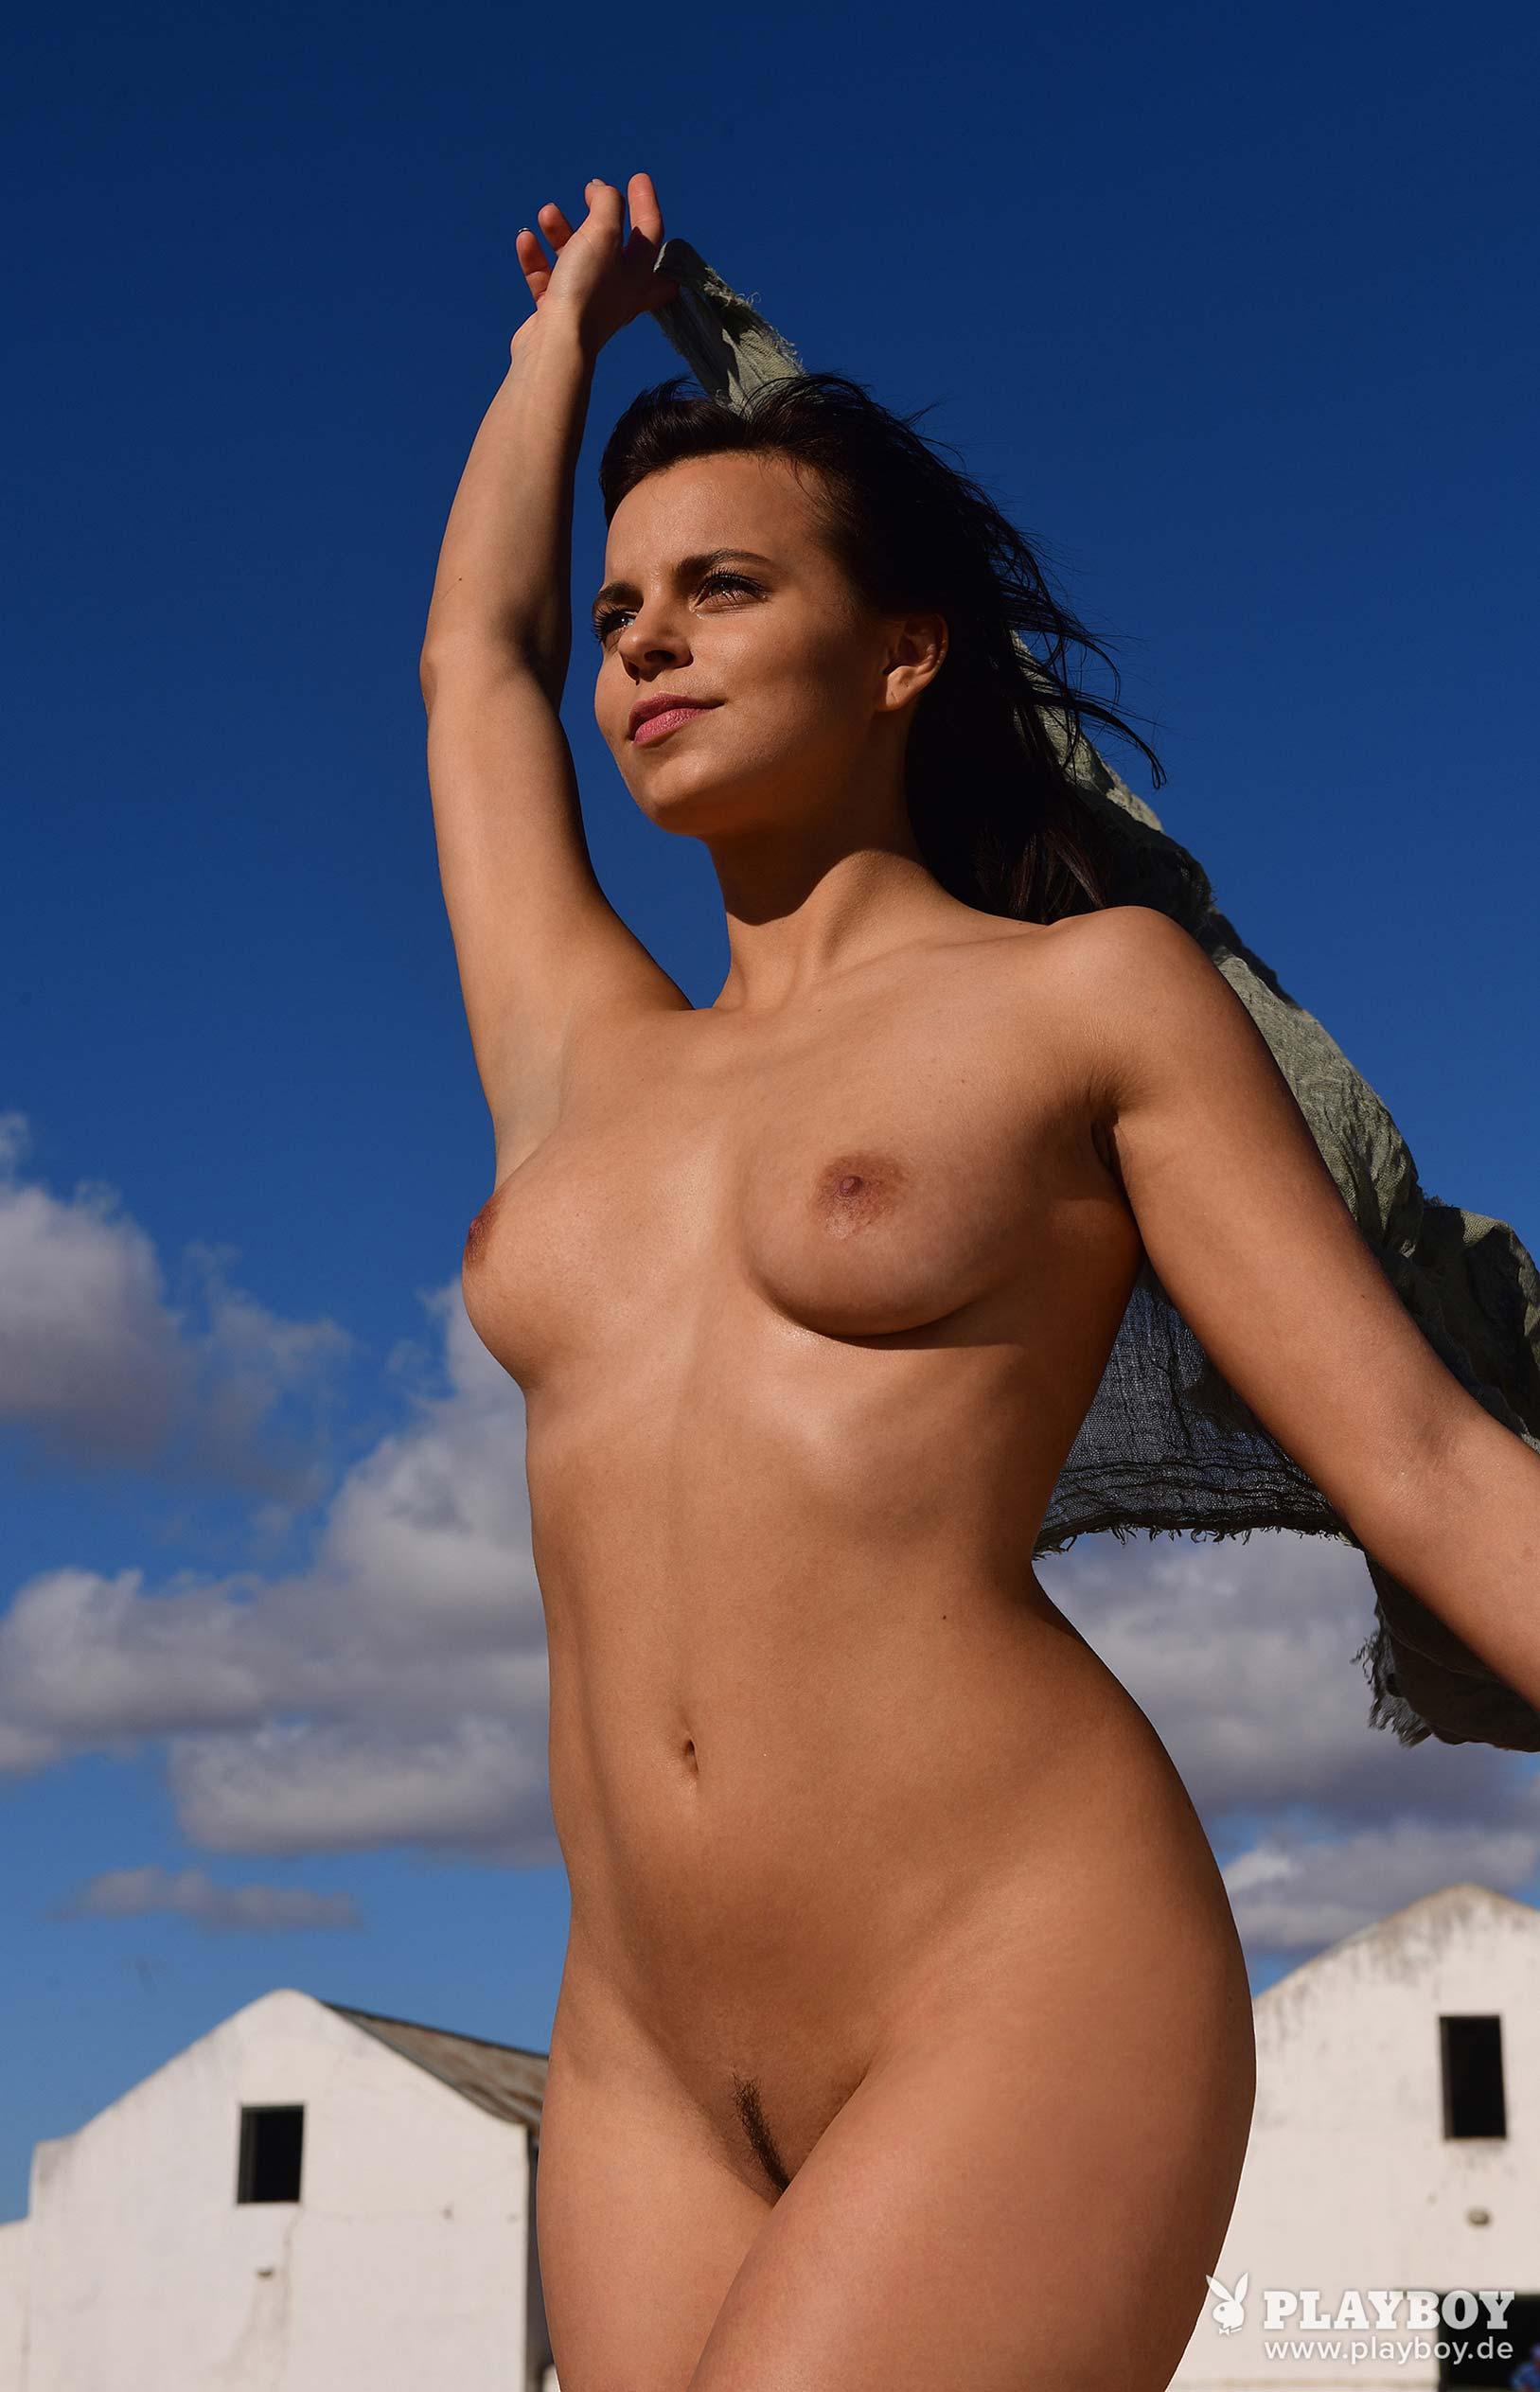 актриса Франциска Бенц голая на ферме в Южной Африке / фото 15